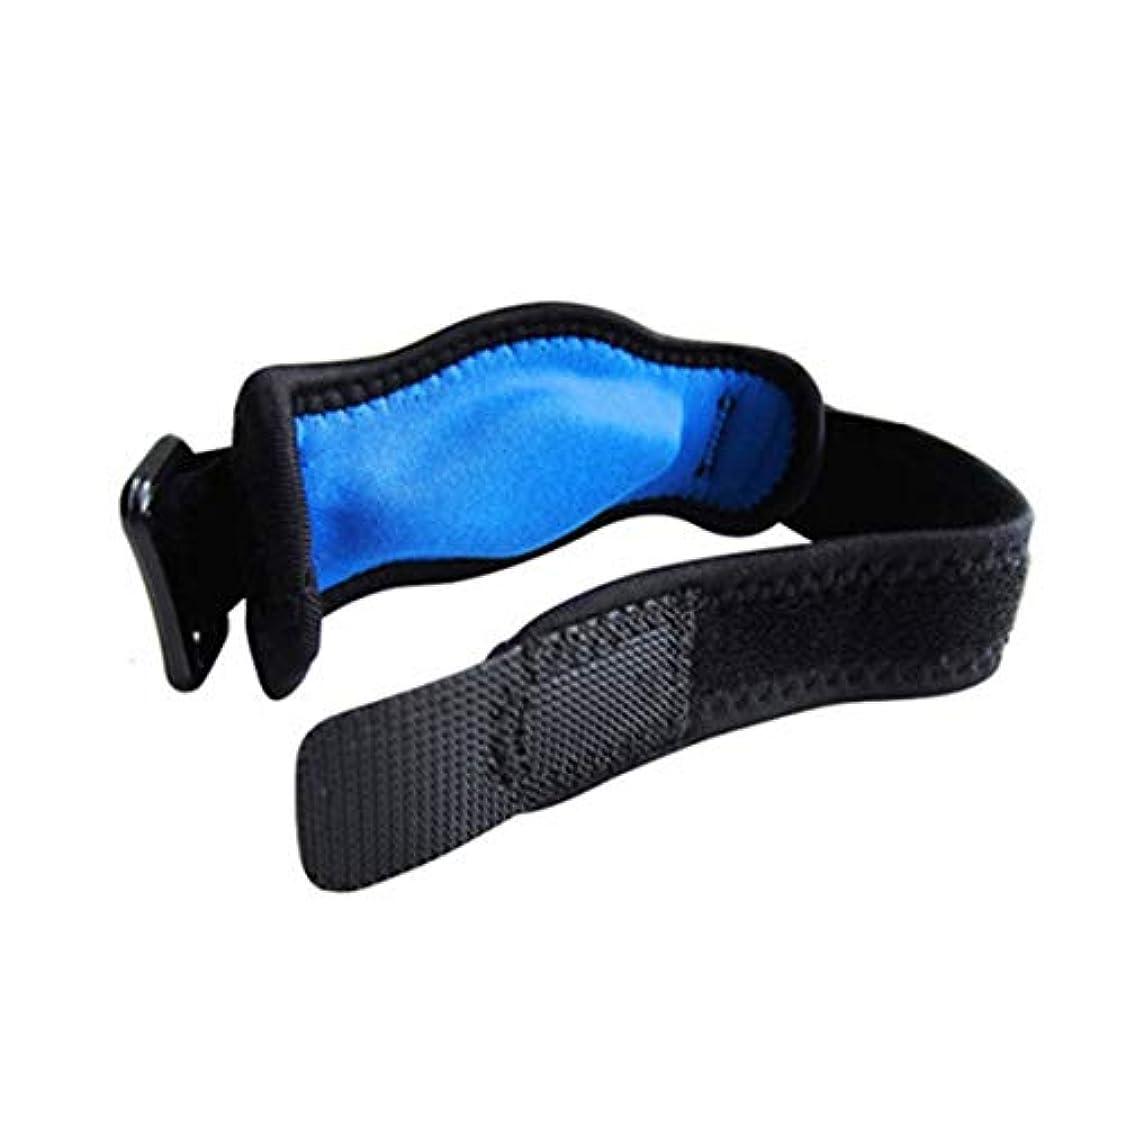 反乱氏依存調節可能なテニス肘サポートストラップブレースゴルフ前腕痛み緩和 - 黒